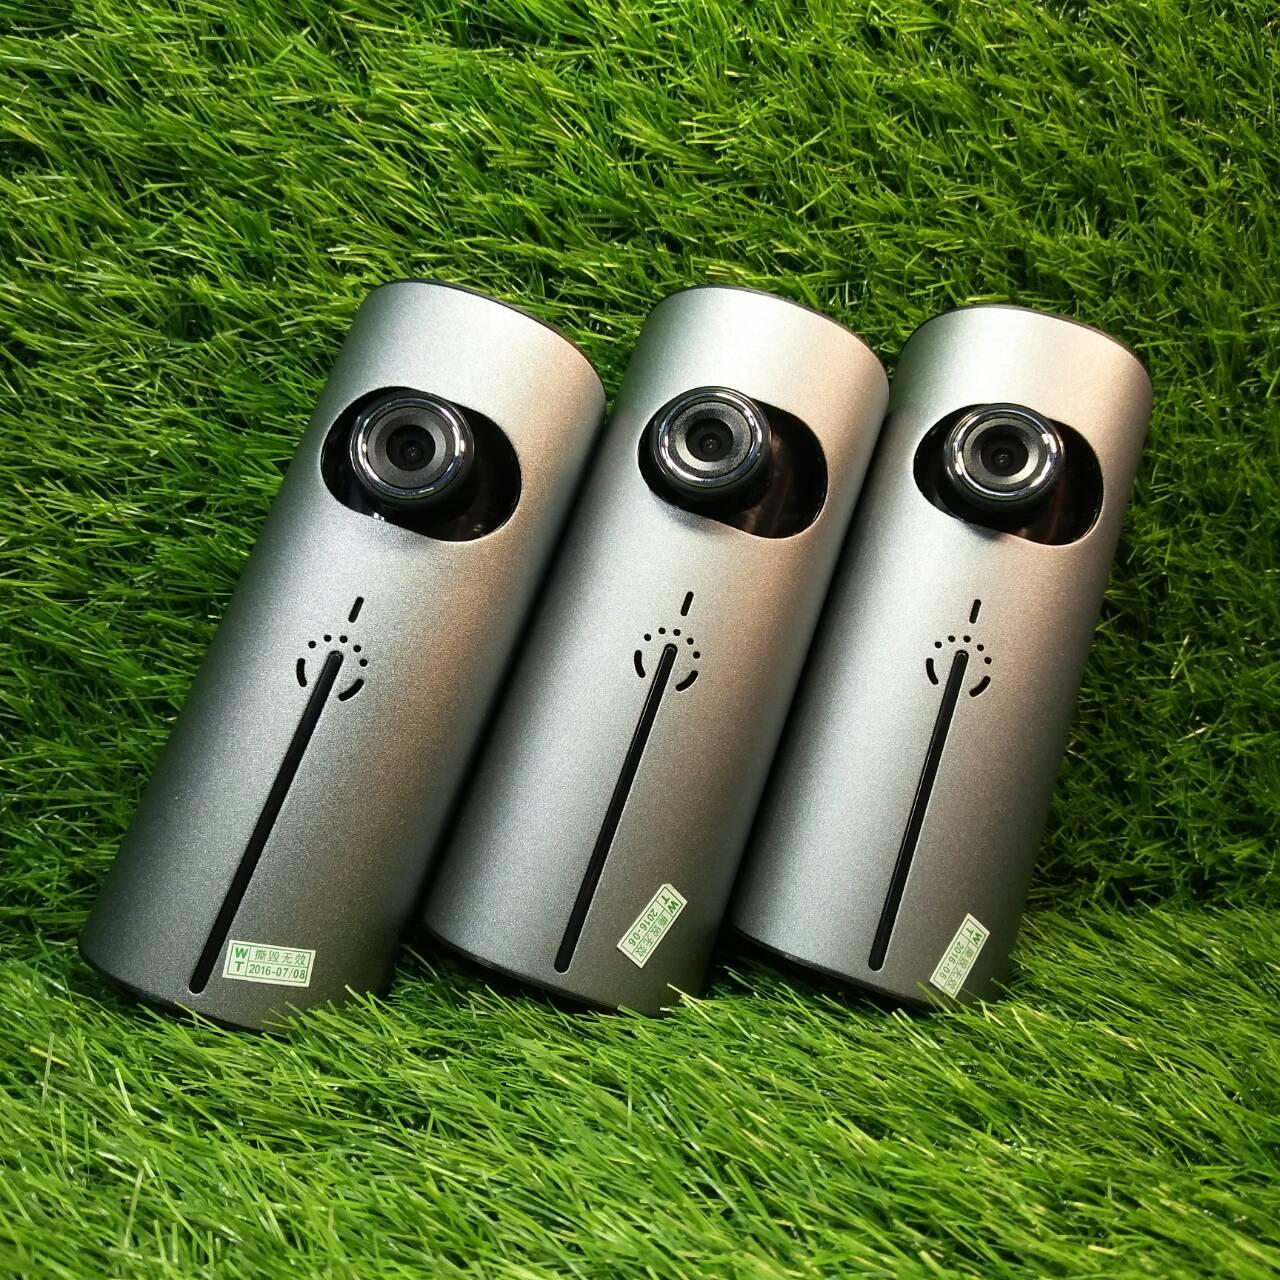 กล้องติดรถแบบ 2 กล้องหน้า ห้องโดยสาร พร้อมดาวเทียม รุ่น R300